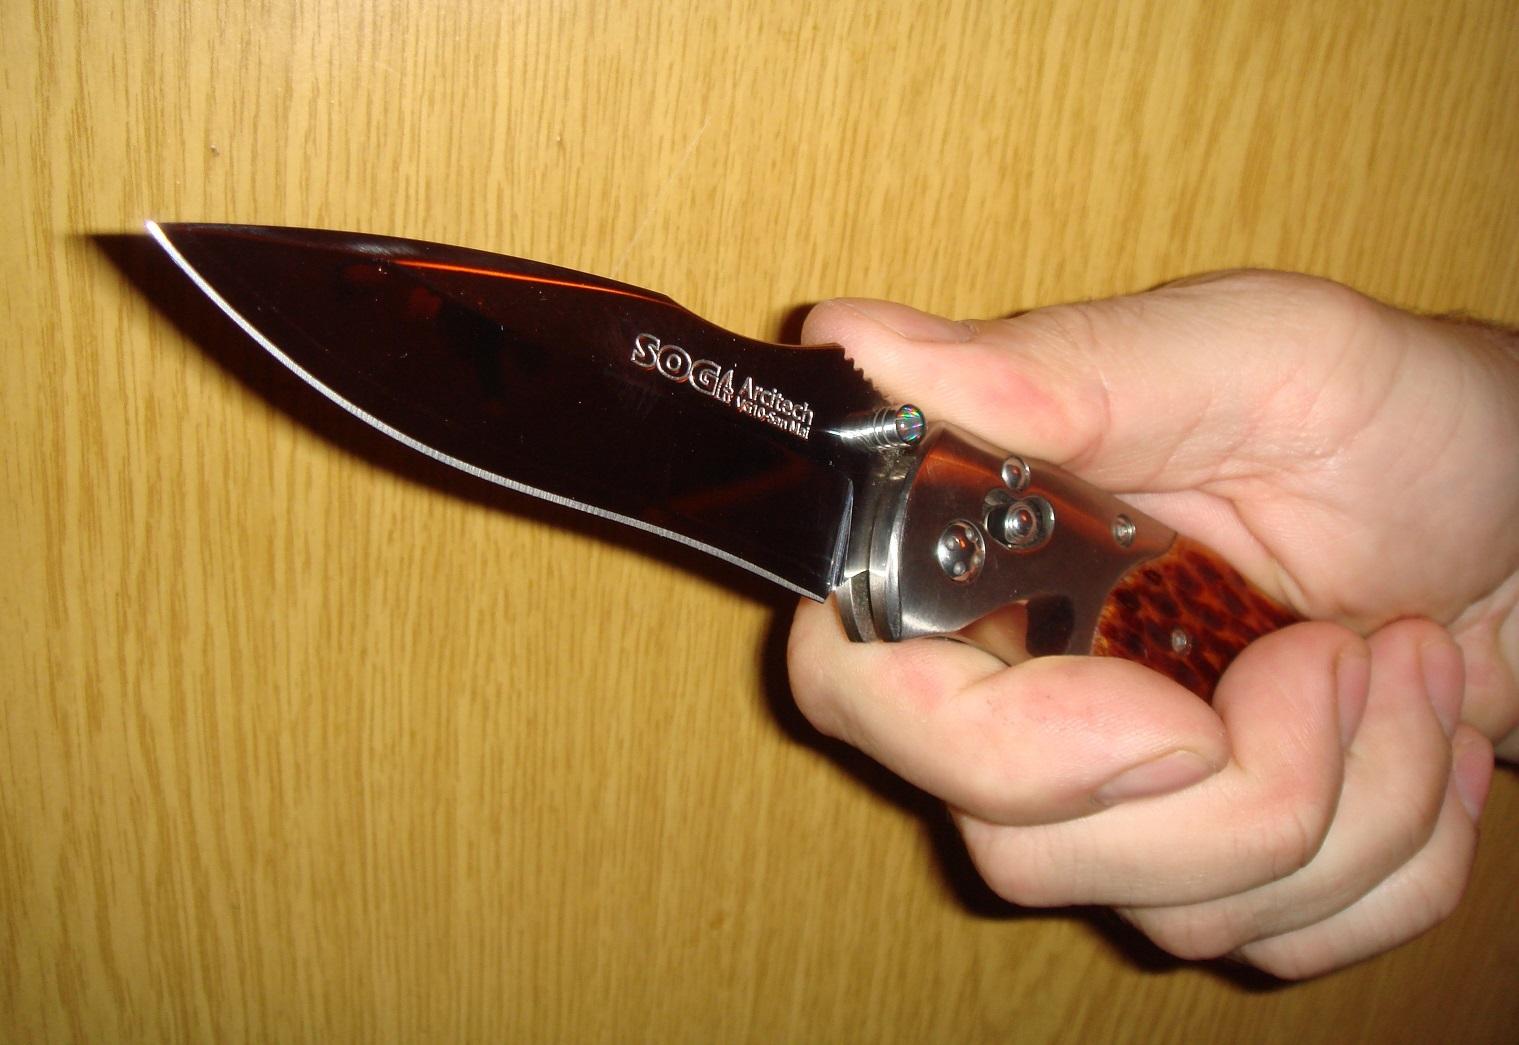 Фото 3 - Складной нож Arcitech - SOG A01, сталь VG-10 / Laminated 420J2, рукоять кость